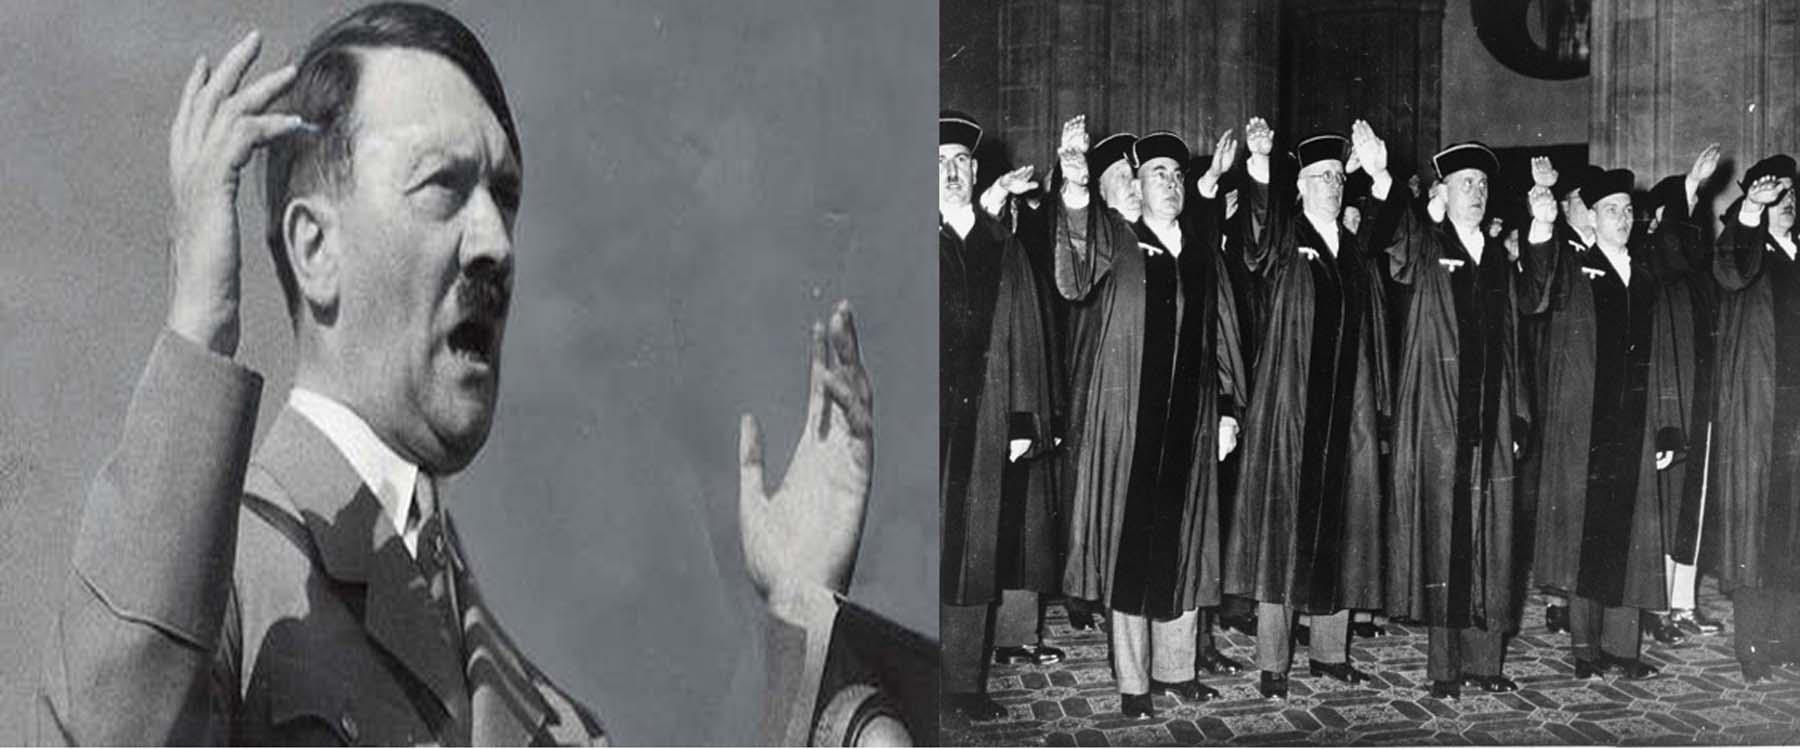 राजनैतिक विरोध को नष्ट करने में न्यायपालिका ने हिटलर और स्टालिन की कैसे मदद की।